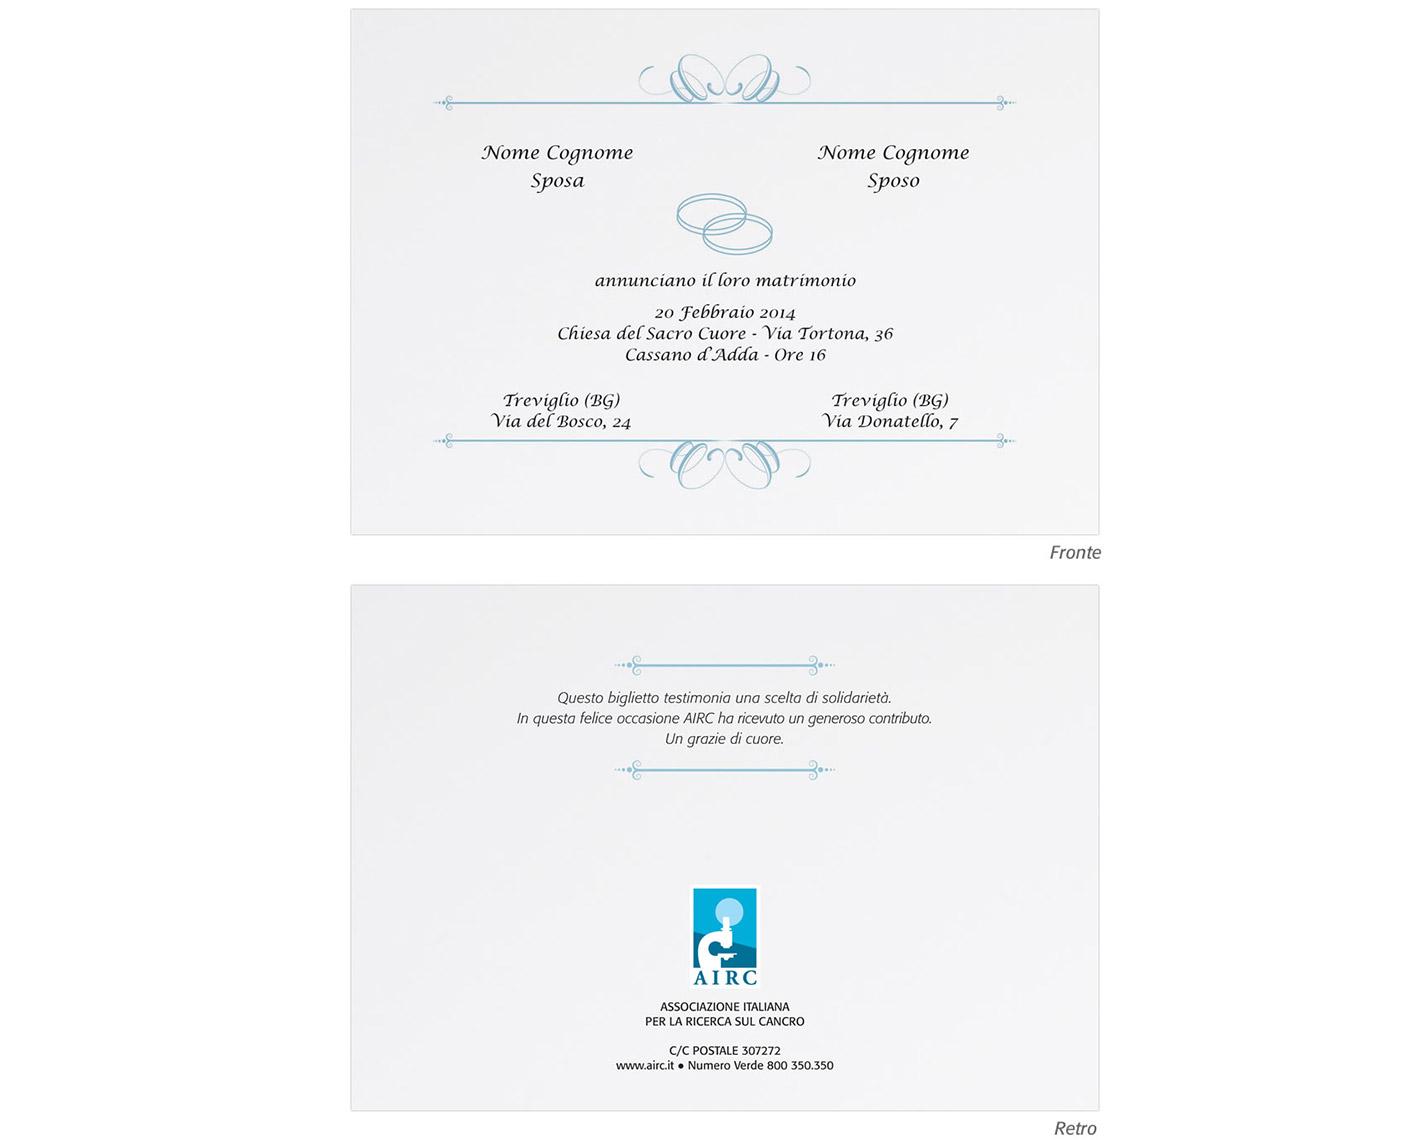 Bomboniere Solidali Matrimonio Airc.Partecipazione Matrimonio Solidale Personalizzabile